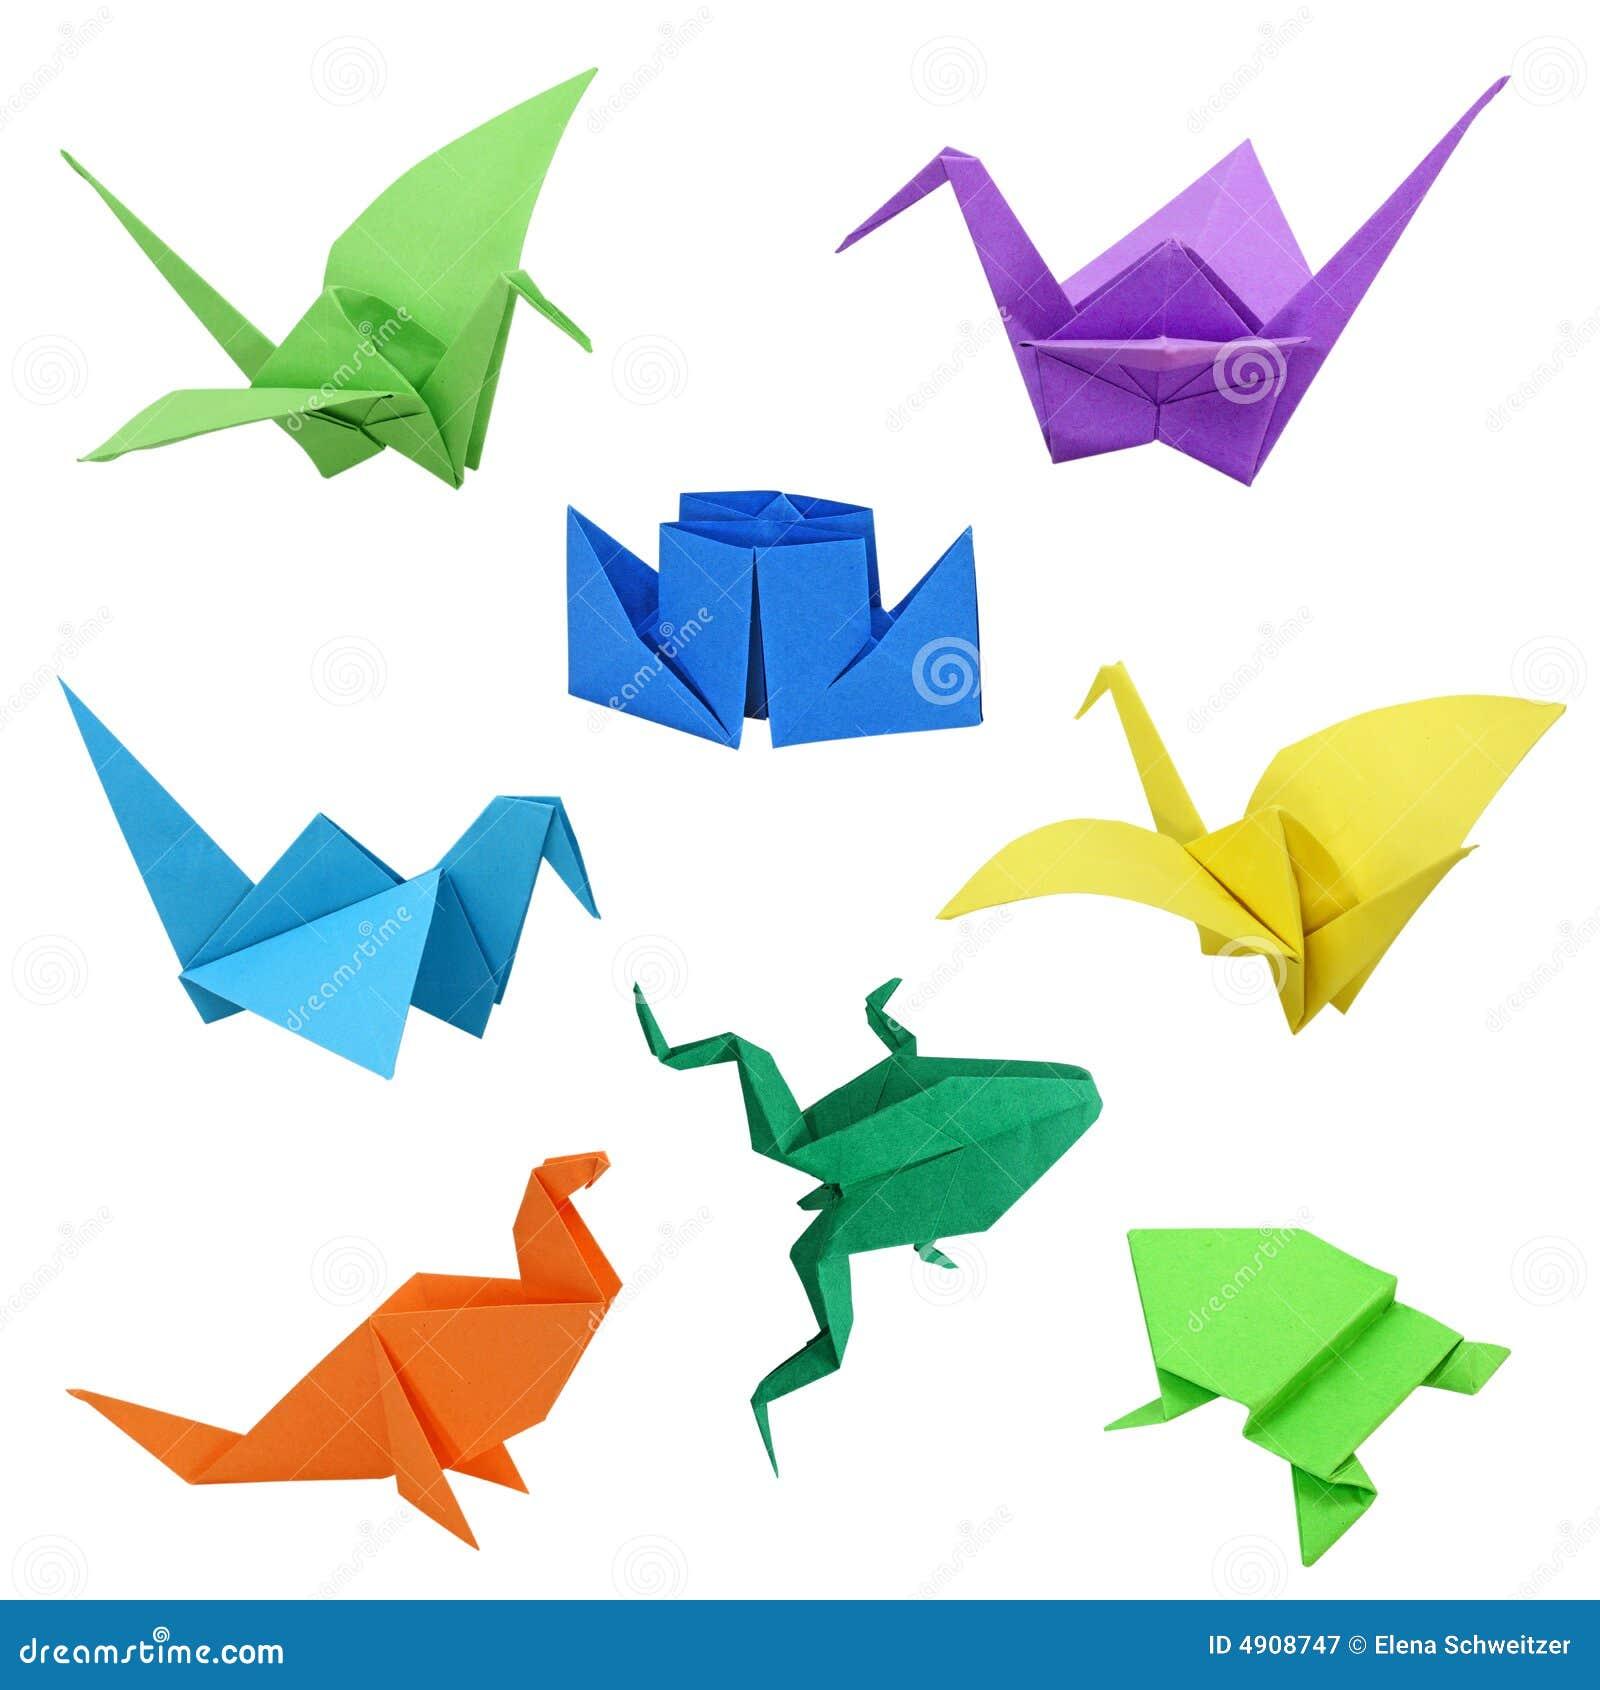 Immagini di origami fotografia stock libera da diritti for Disegni tradizionali giapponesi